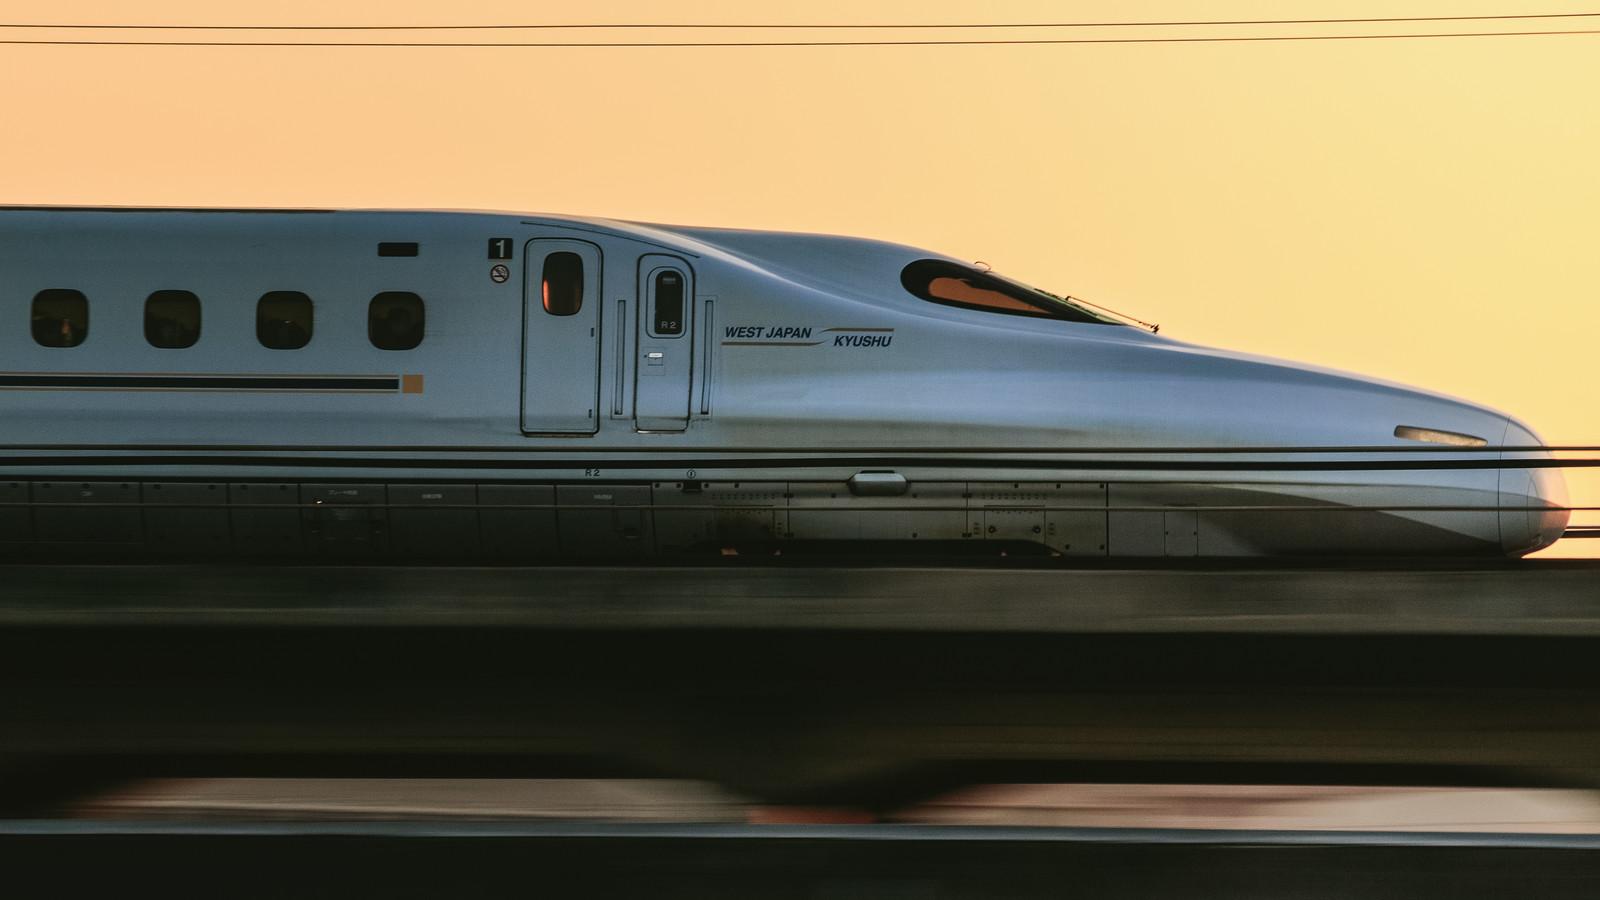 名古屋から大阪まで安い料金で移動できる方法は?新幹線・バスなど徹底調査